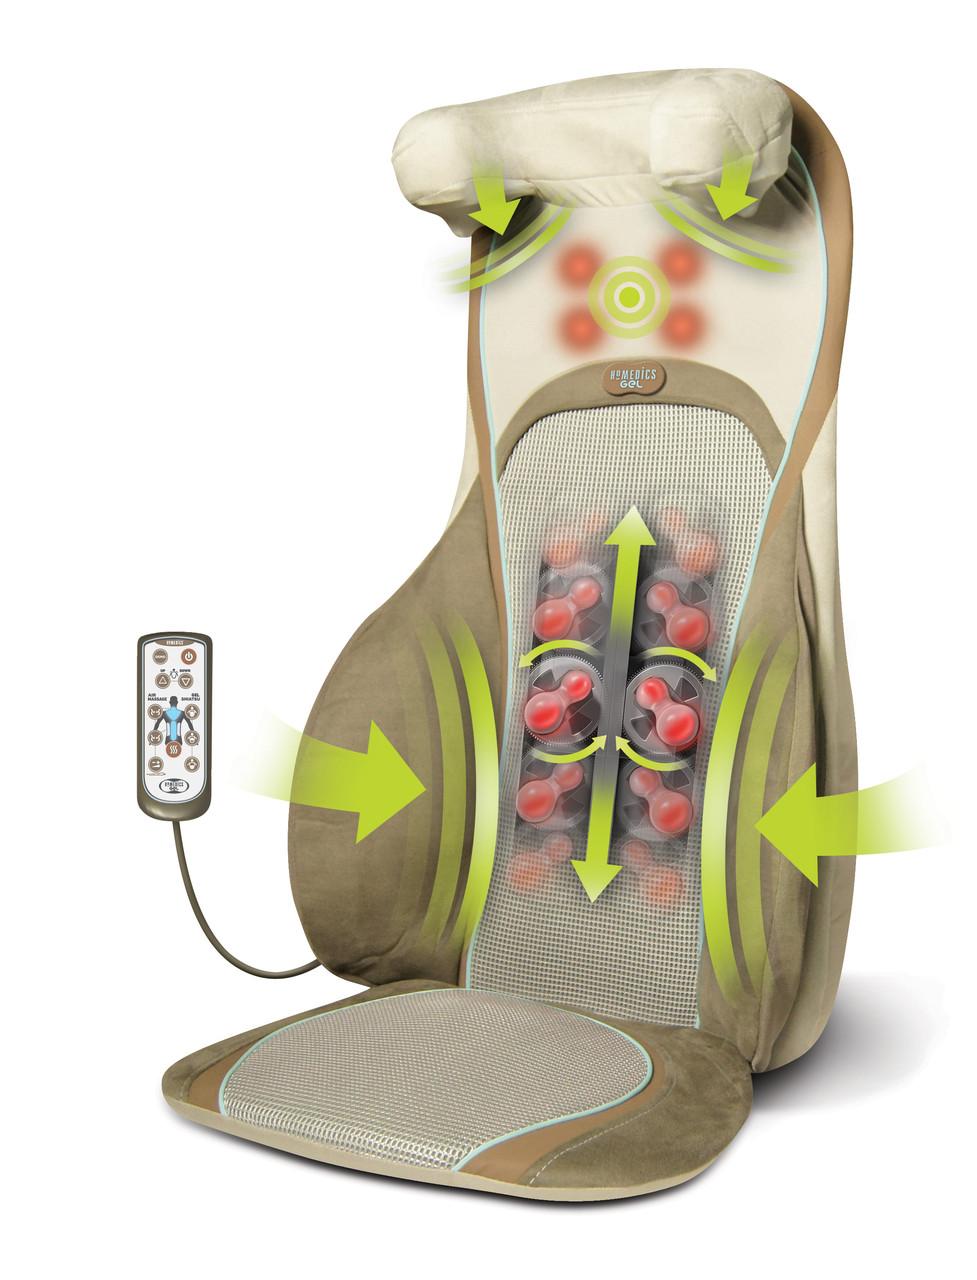 Массажная накидка HoMedics ThaiAIR Gel Shiatsu 3в1 с гелевыми ролами, прогревом 2в1 и пневмомассажем шеи